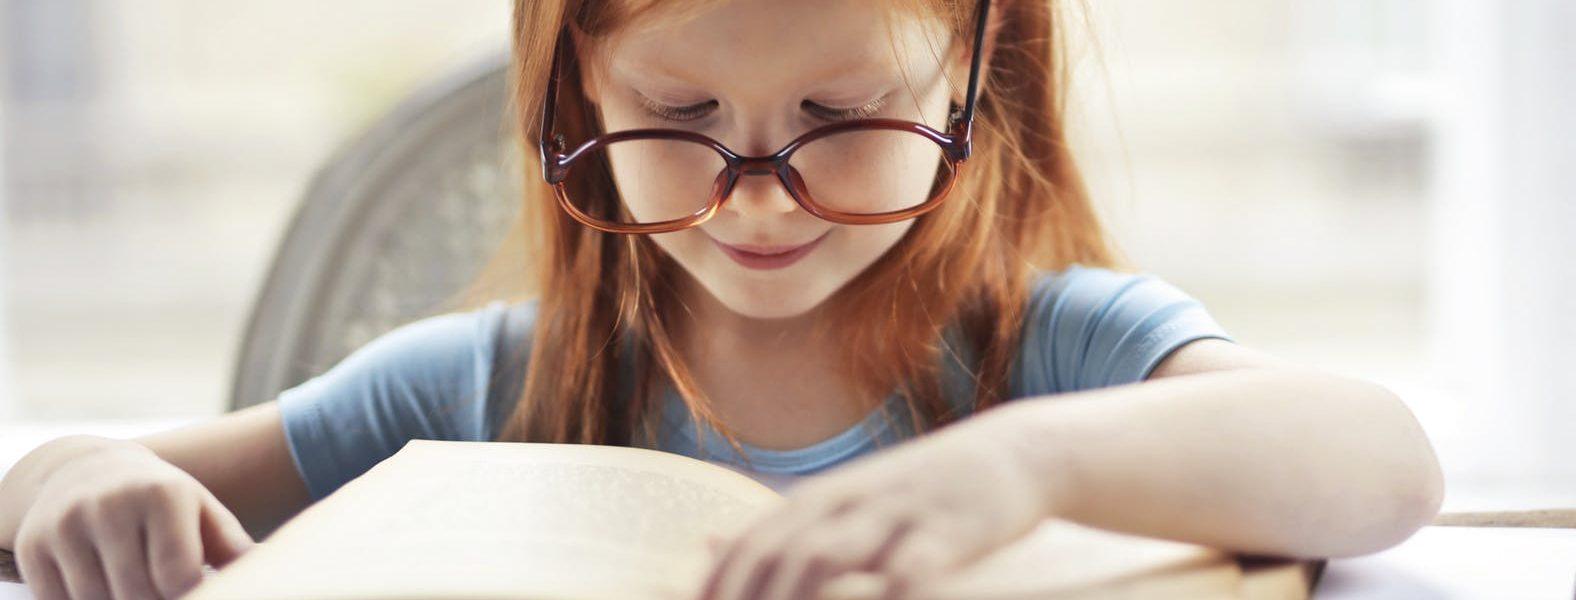 Jak zmusić dziecko do nauki